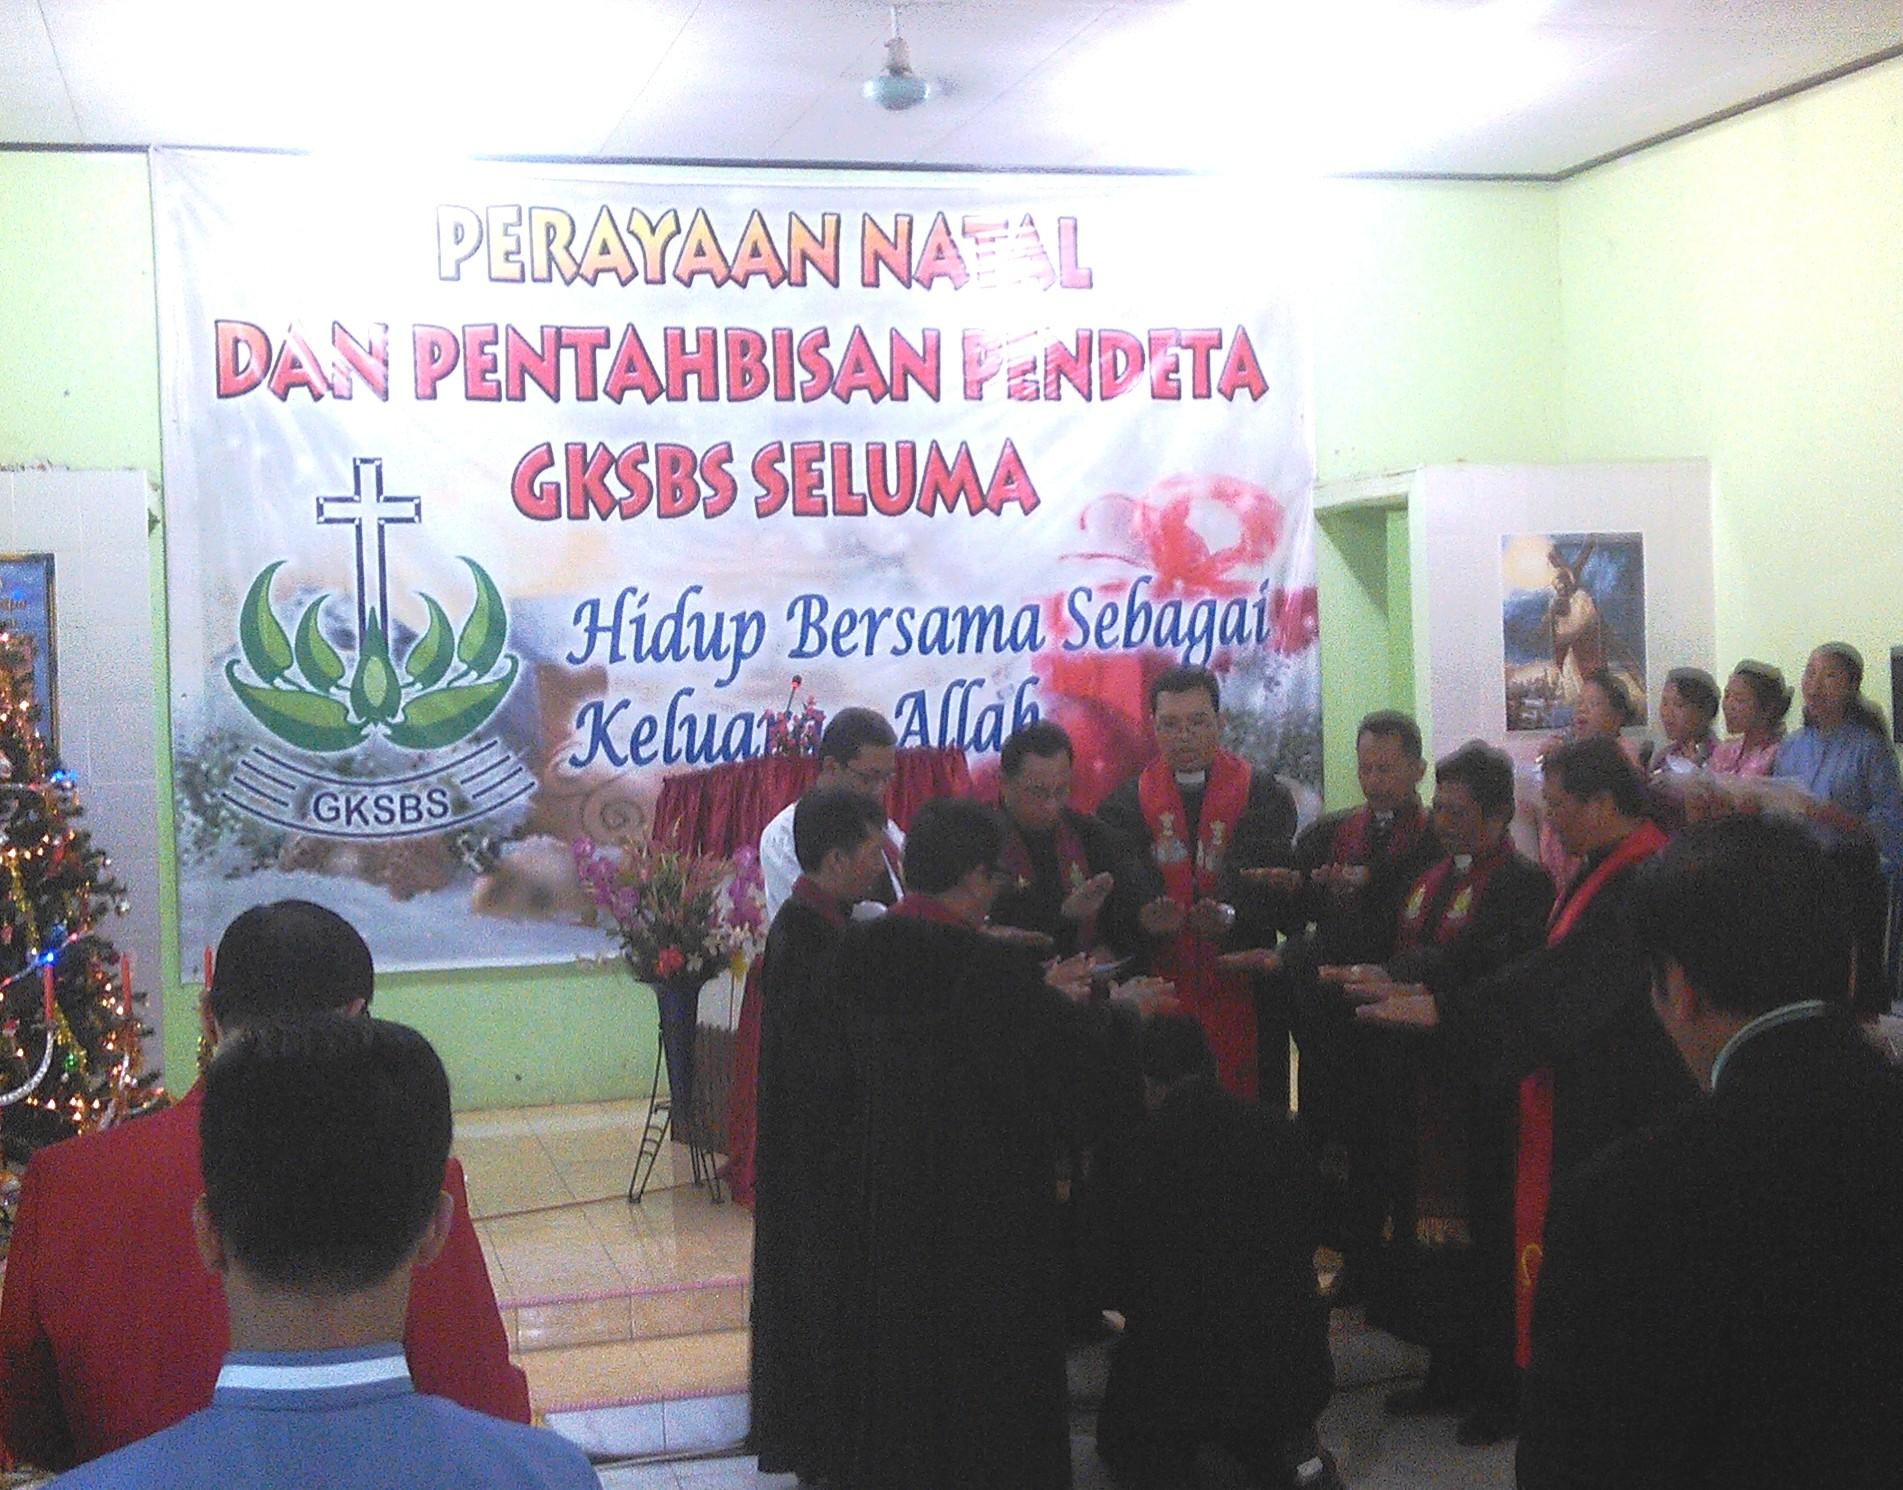 Pdt. Victor Ivan Christiantoni sedang menerima berkat dan pengutusan